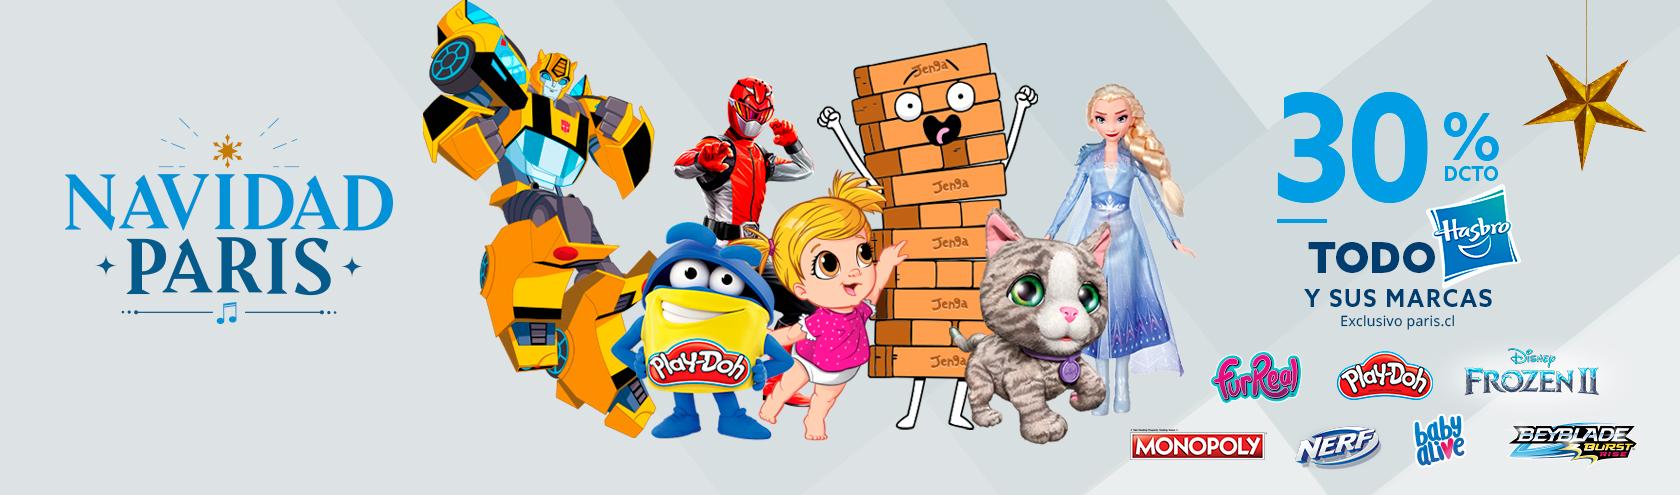 Especial Hasbro 30% de descuento con todo medio de pago todas sus marcas exclusivo paris.cl